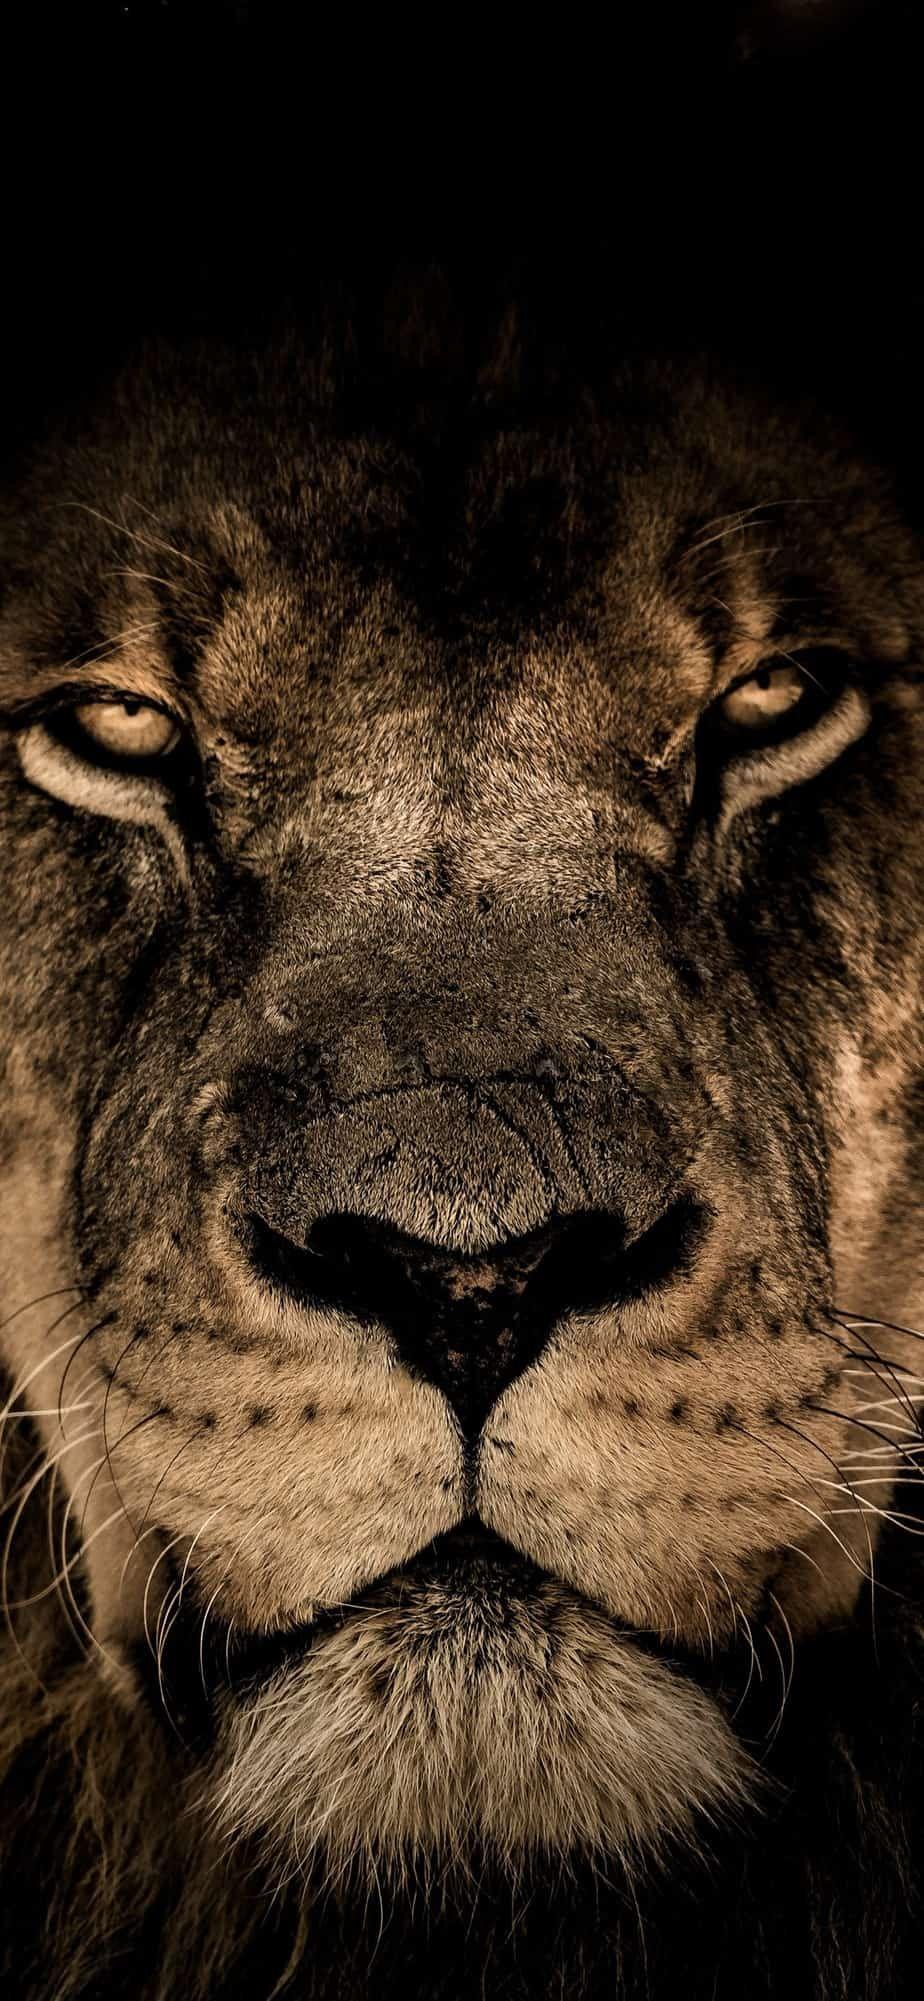 Iphone Xr Wallpaper 364 4k Hd Download Free Hd Wallpaper Screensavers Dw Gaming Com Download Free Hd Wall Lion Pictures Animal Wallpaper Lion Wallpaper